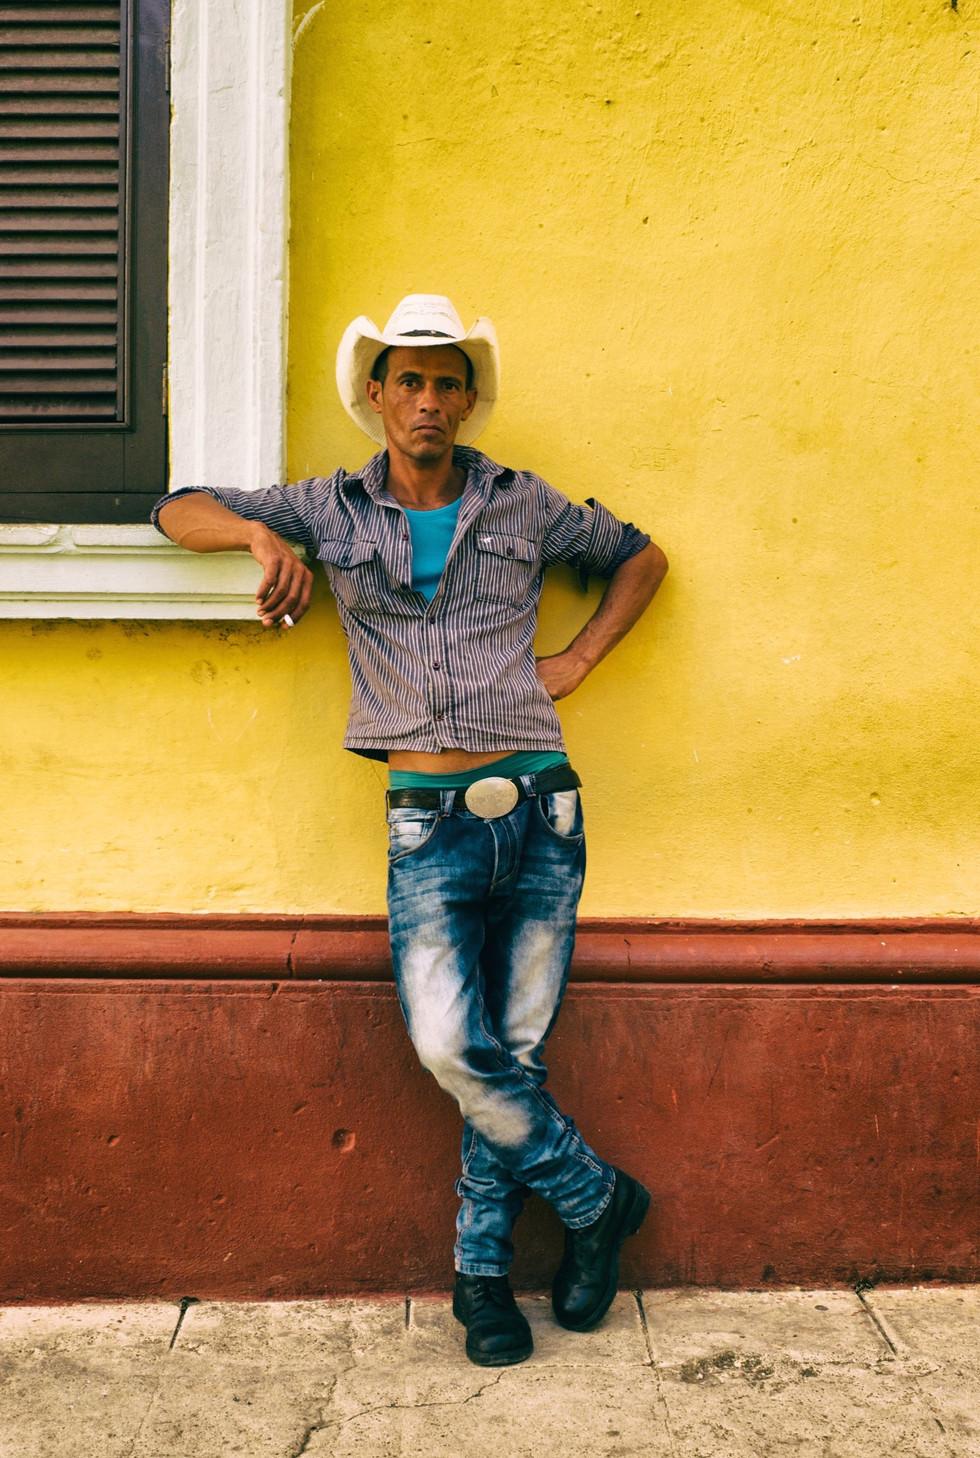 Cowboy with faded jeans, Trinidad, Cuba